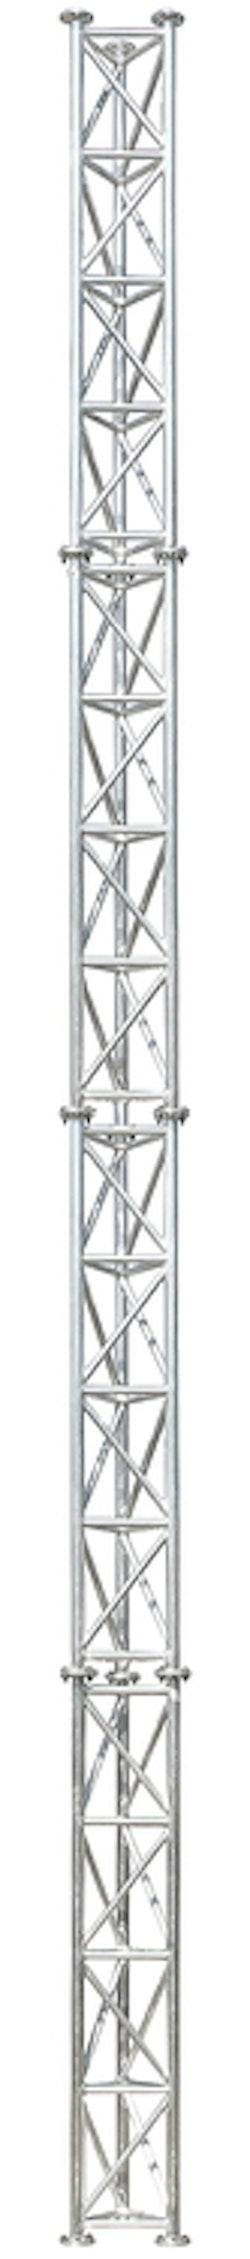 Fackverksmast Aluminium 6m komplett med fällbar fot